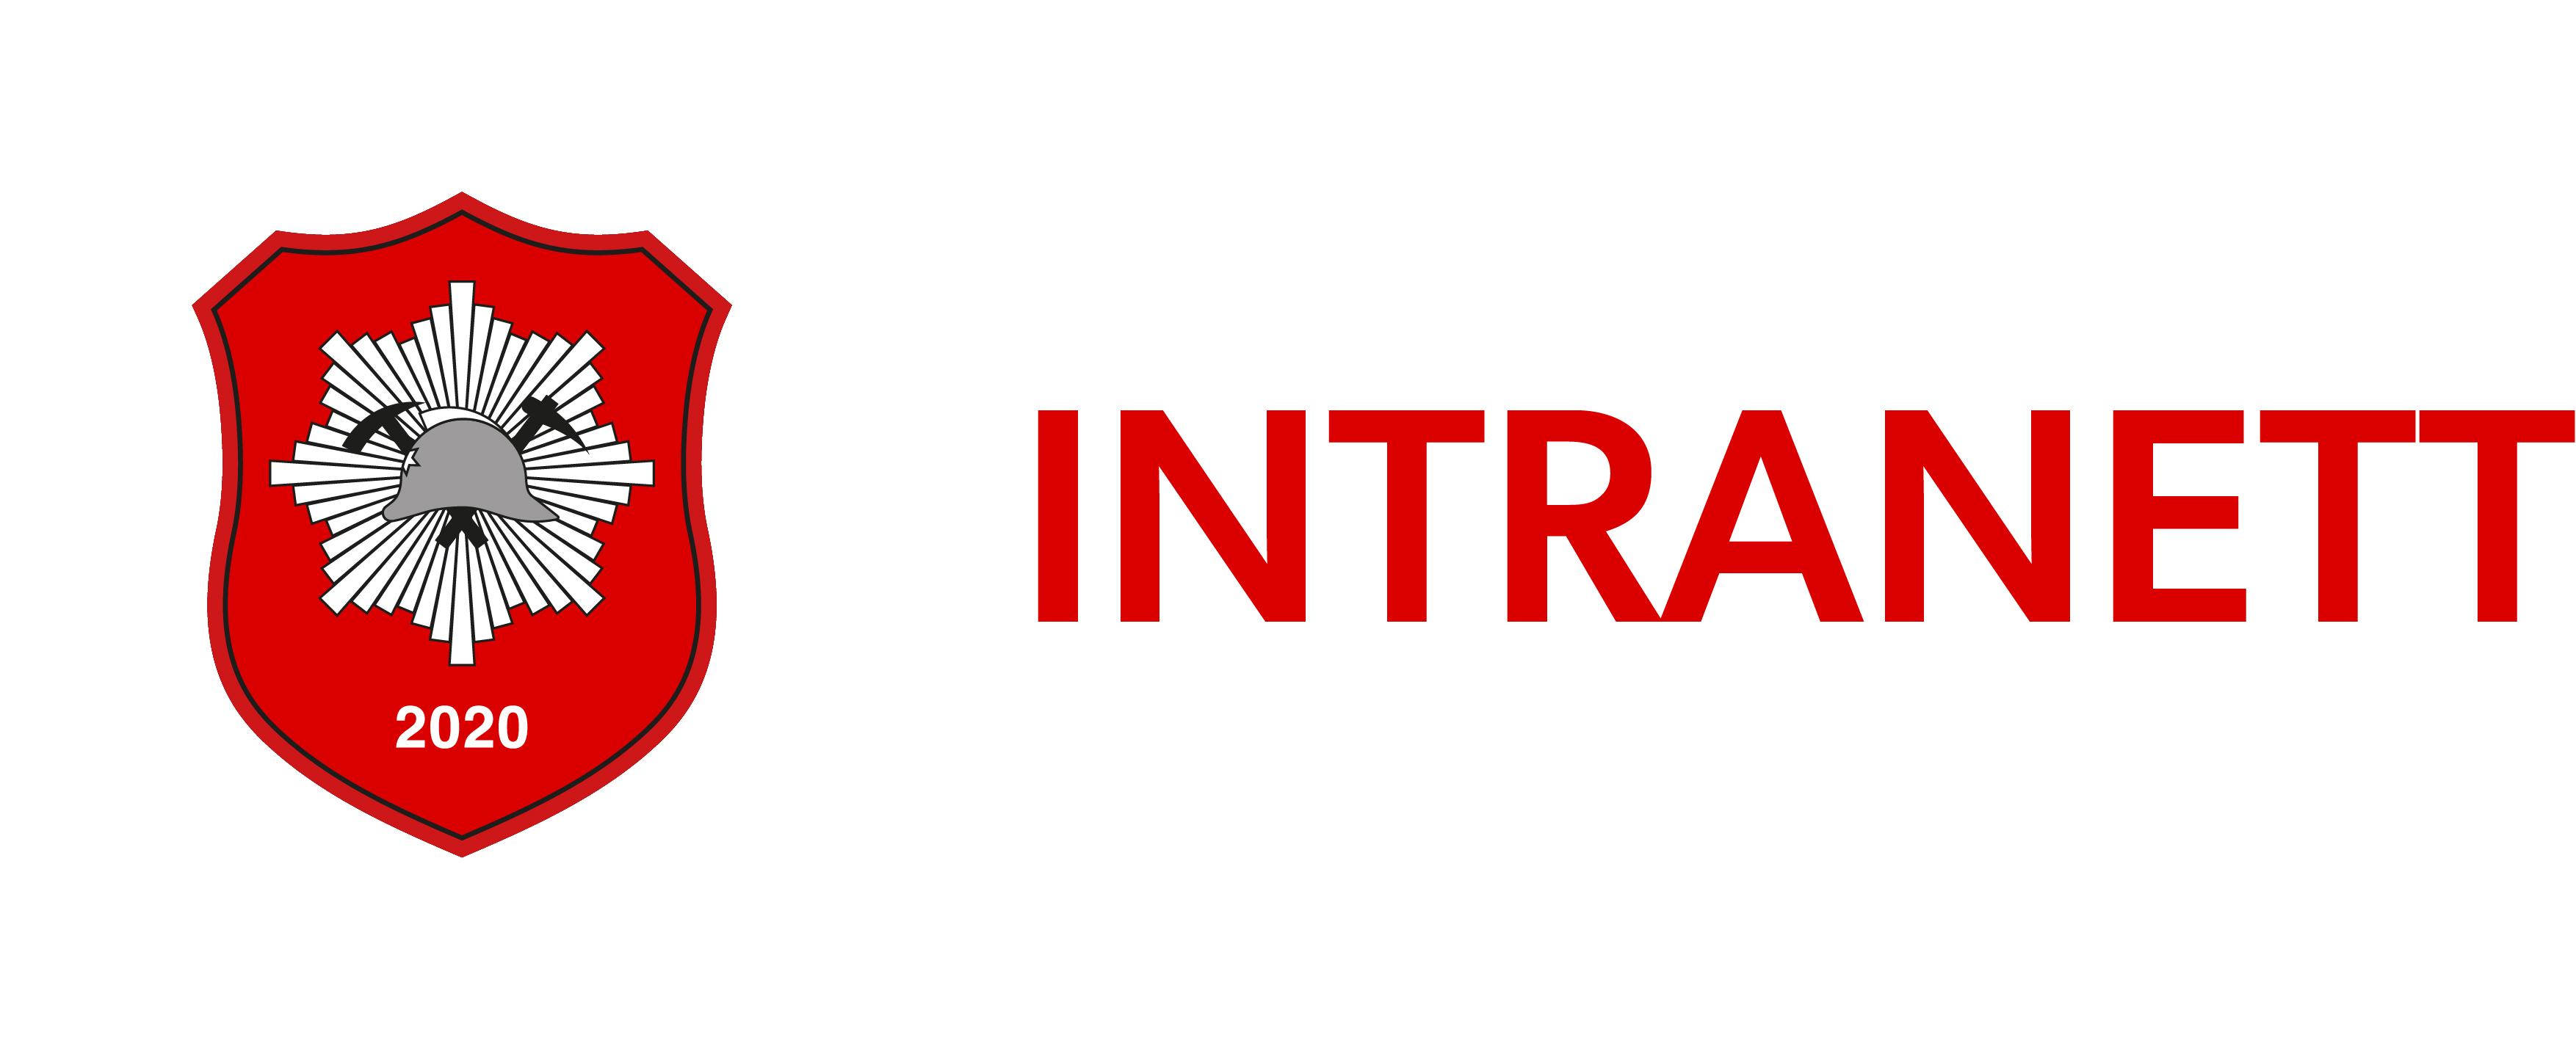 INTRANETT